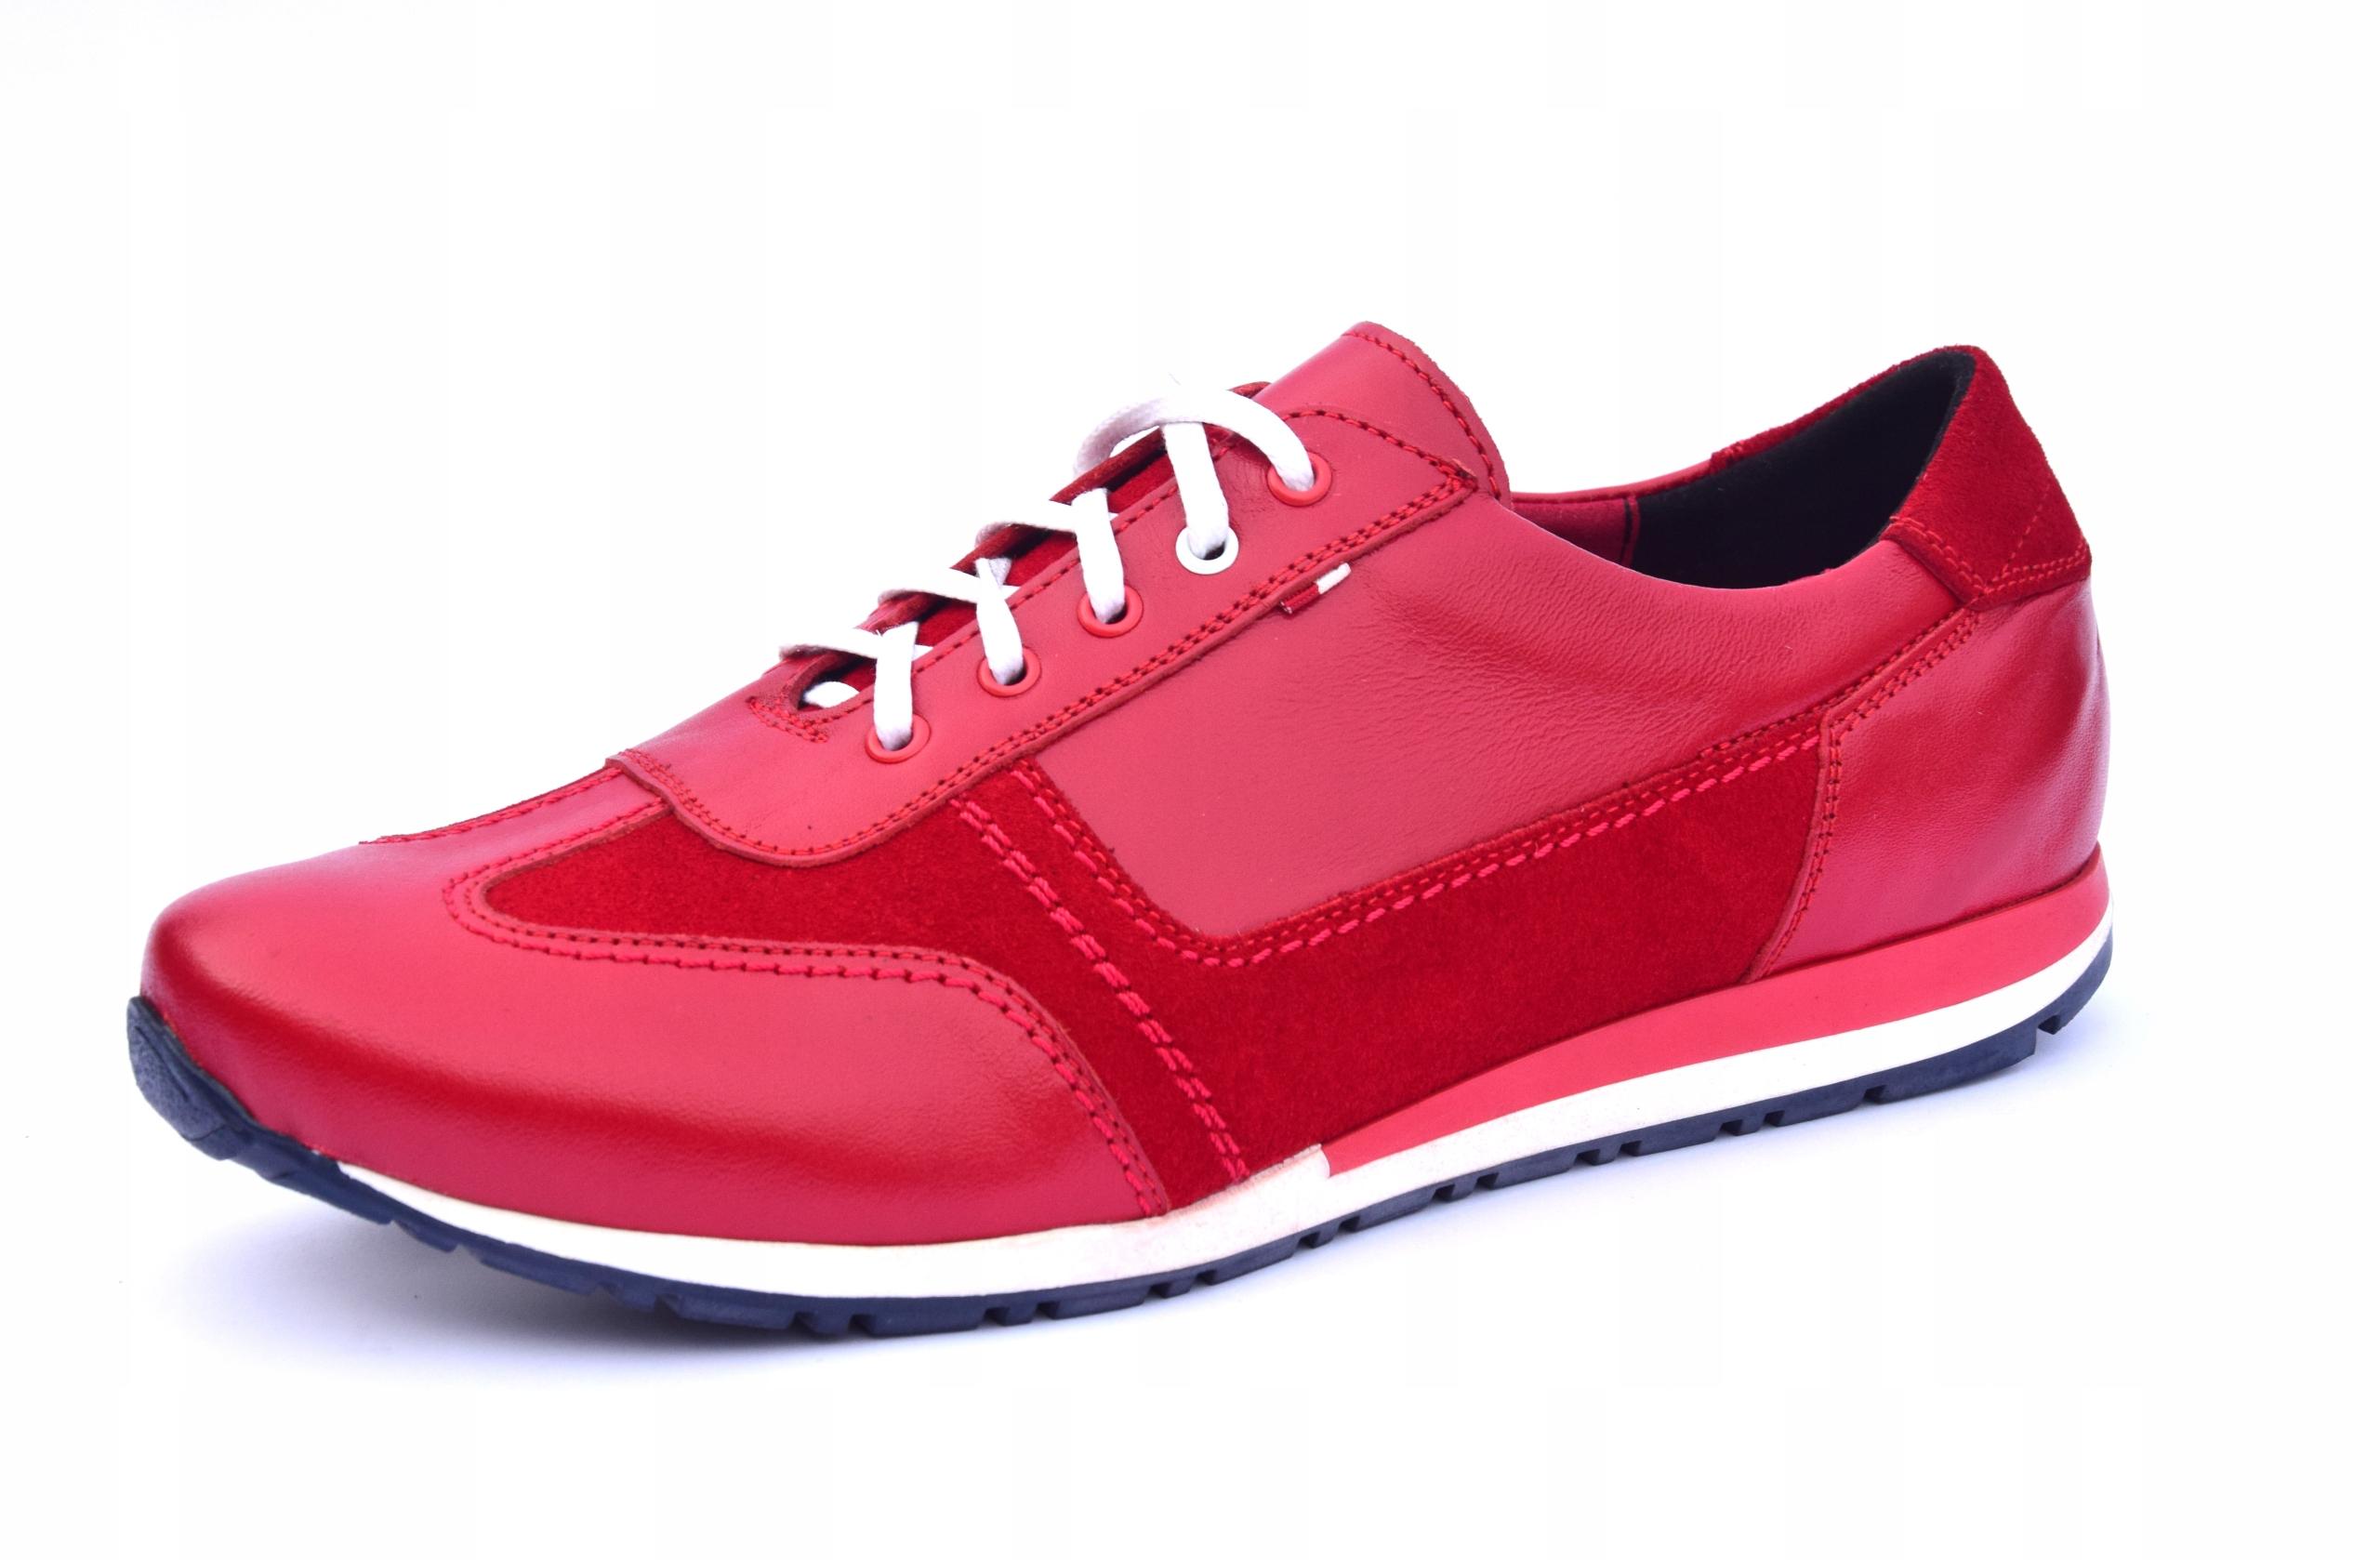 Buty skórzane czerwone obuwie ze skóry PL 294